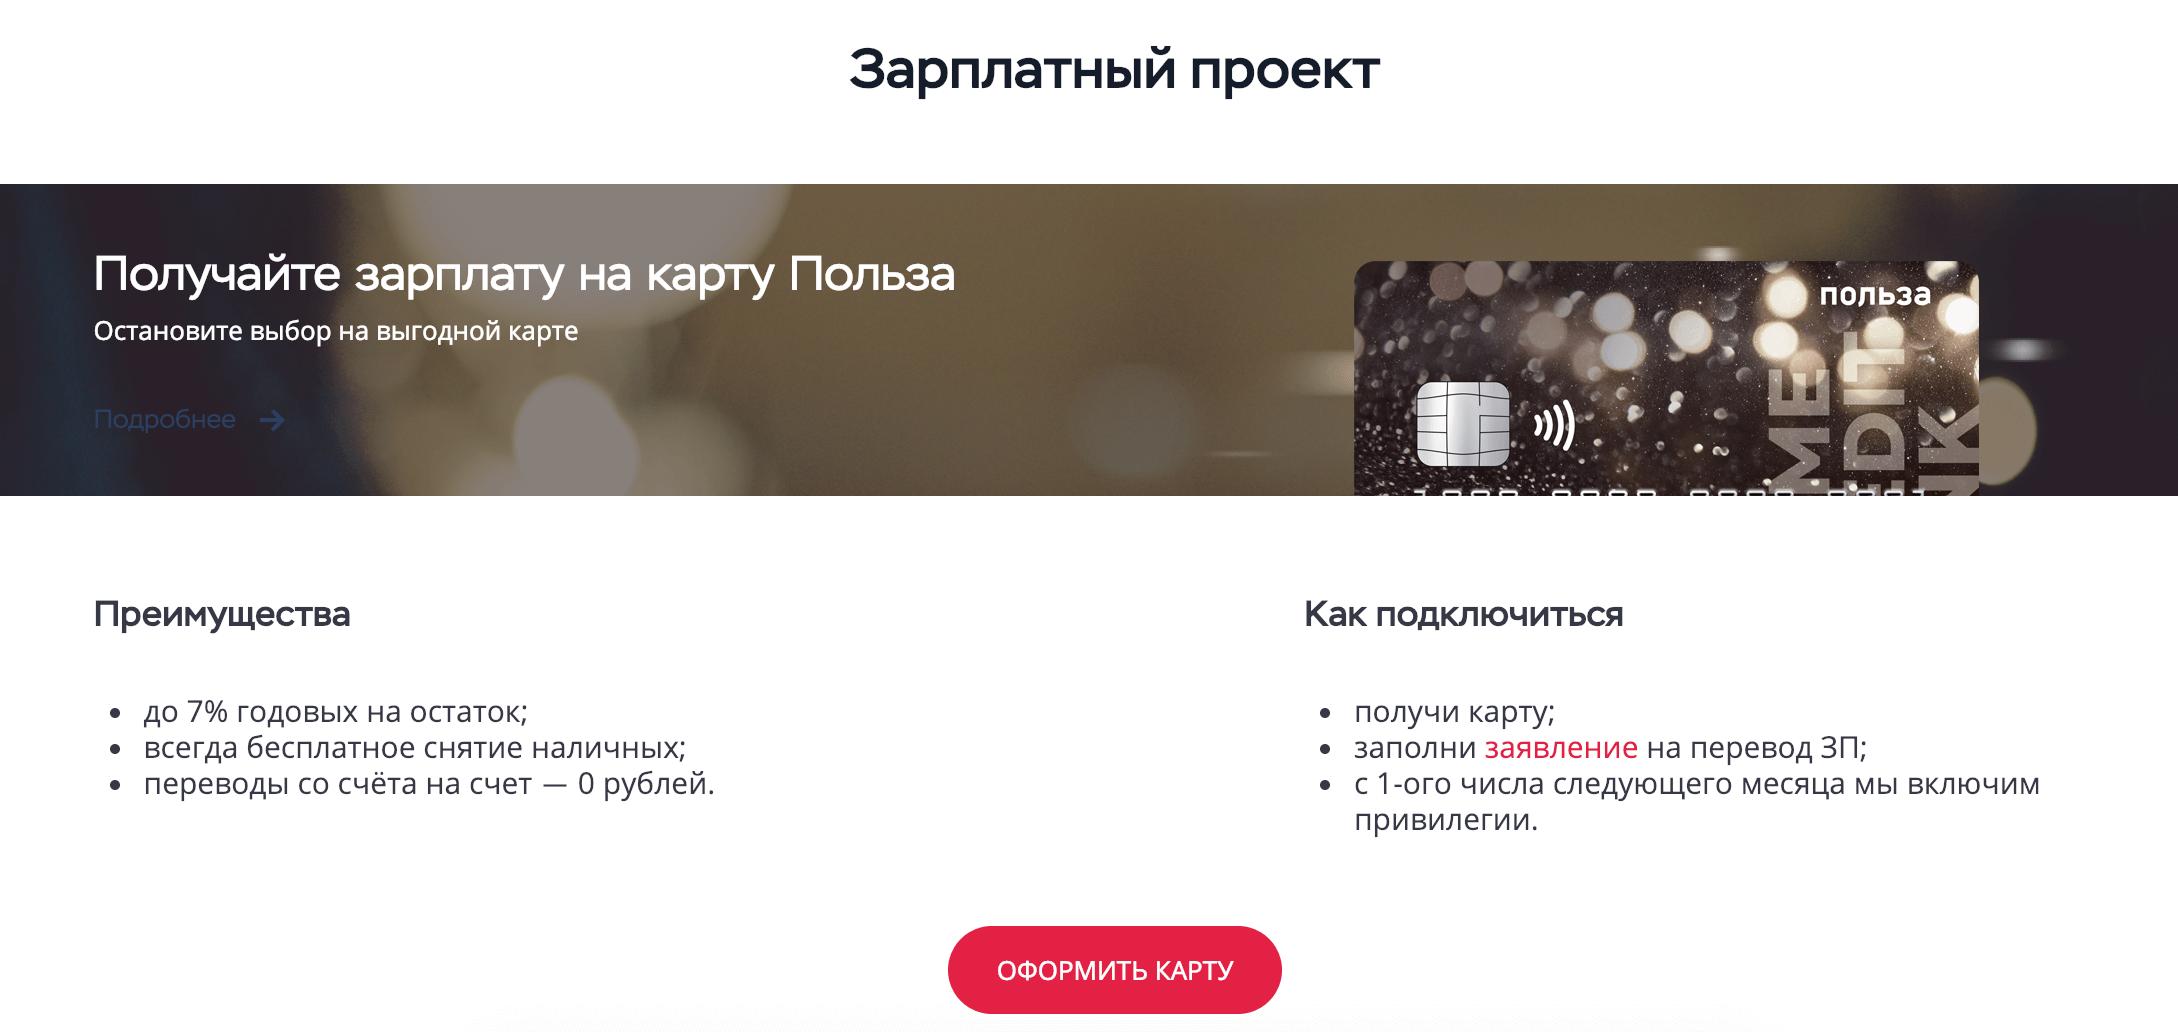 банк ренессанс кредит ярославль режим работы в праздники